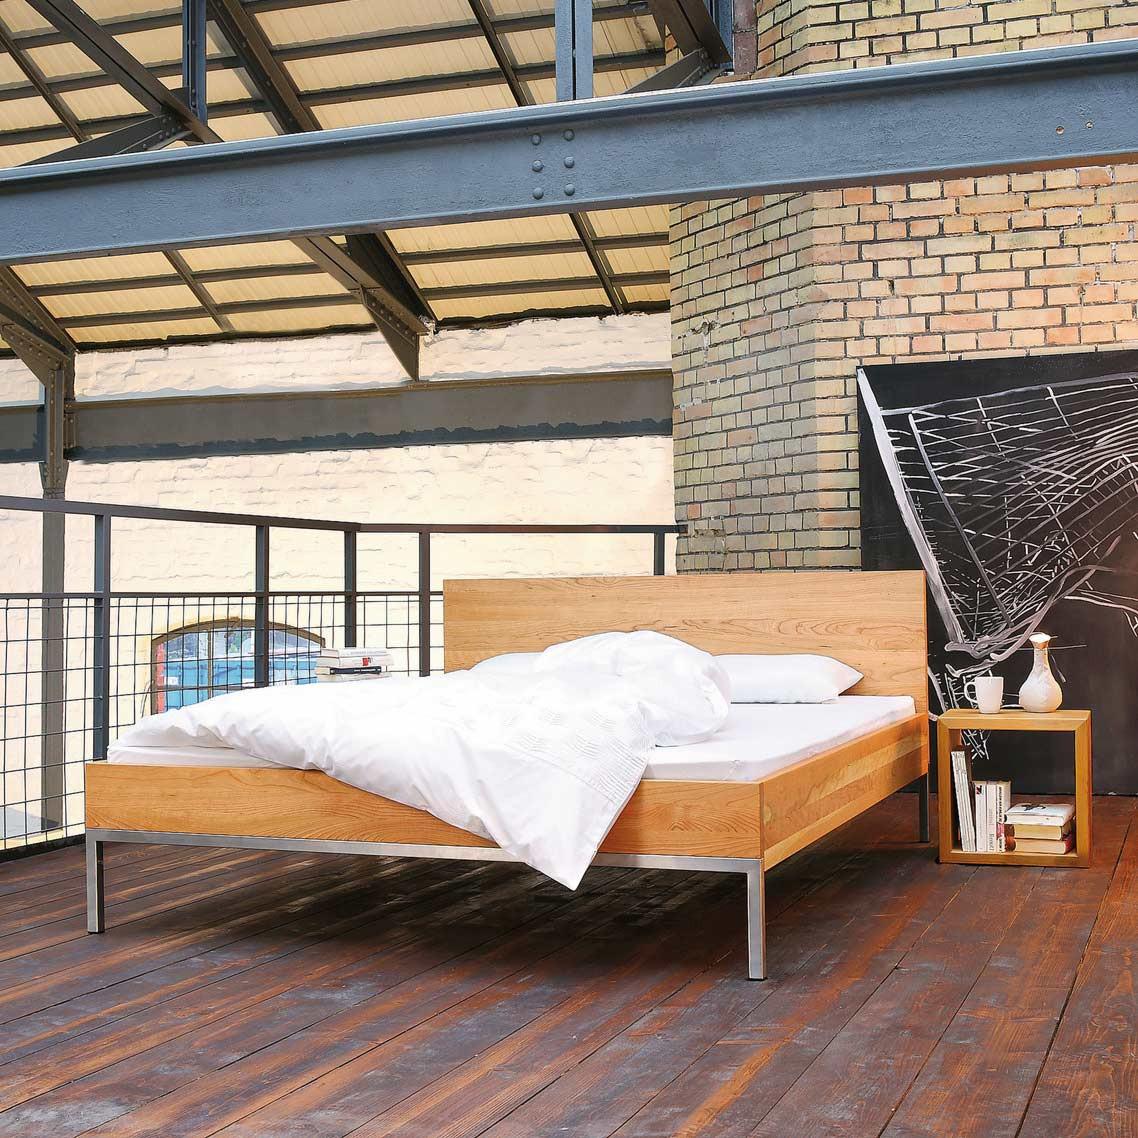 bettgestell 160x200 preisvergleich die besten angebote online kaufen. Black Bedroom Furniture Sets. Home Design Ideas